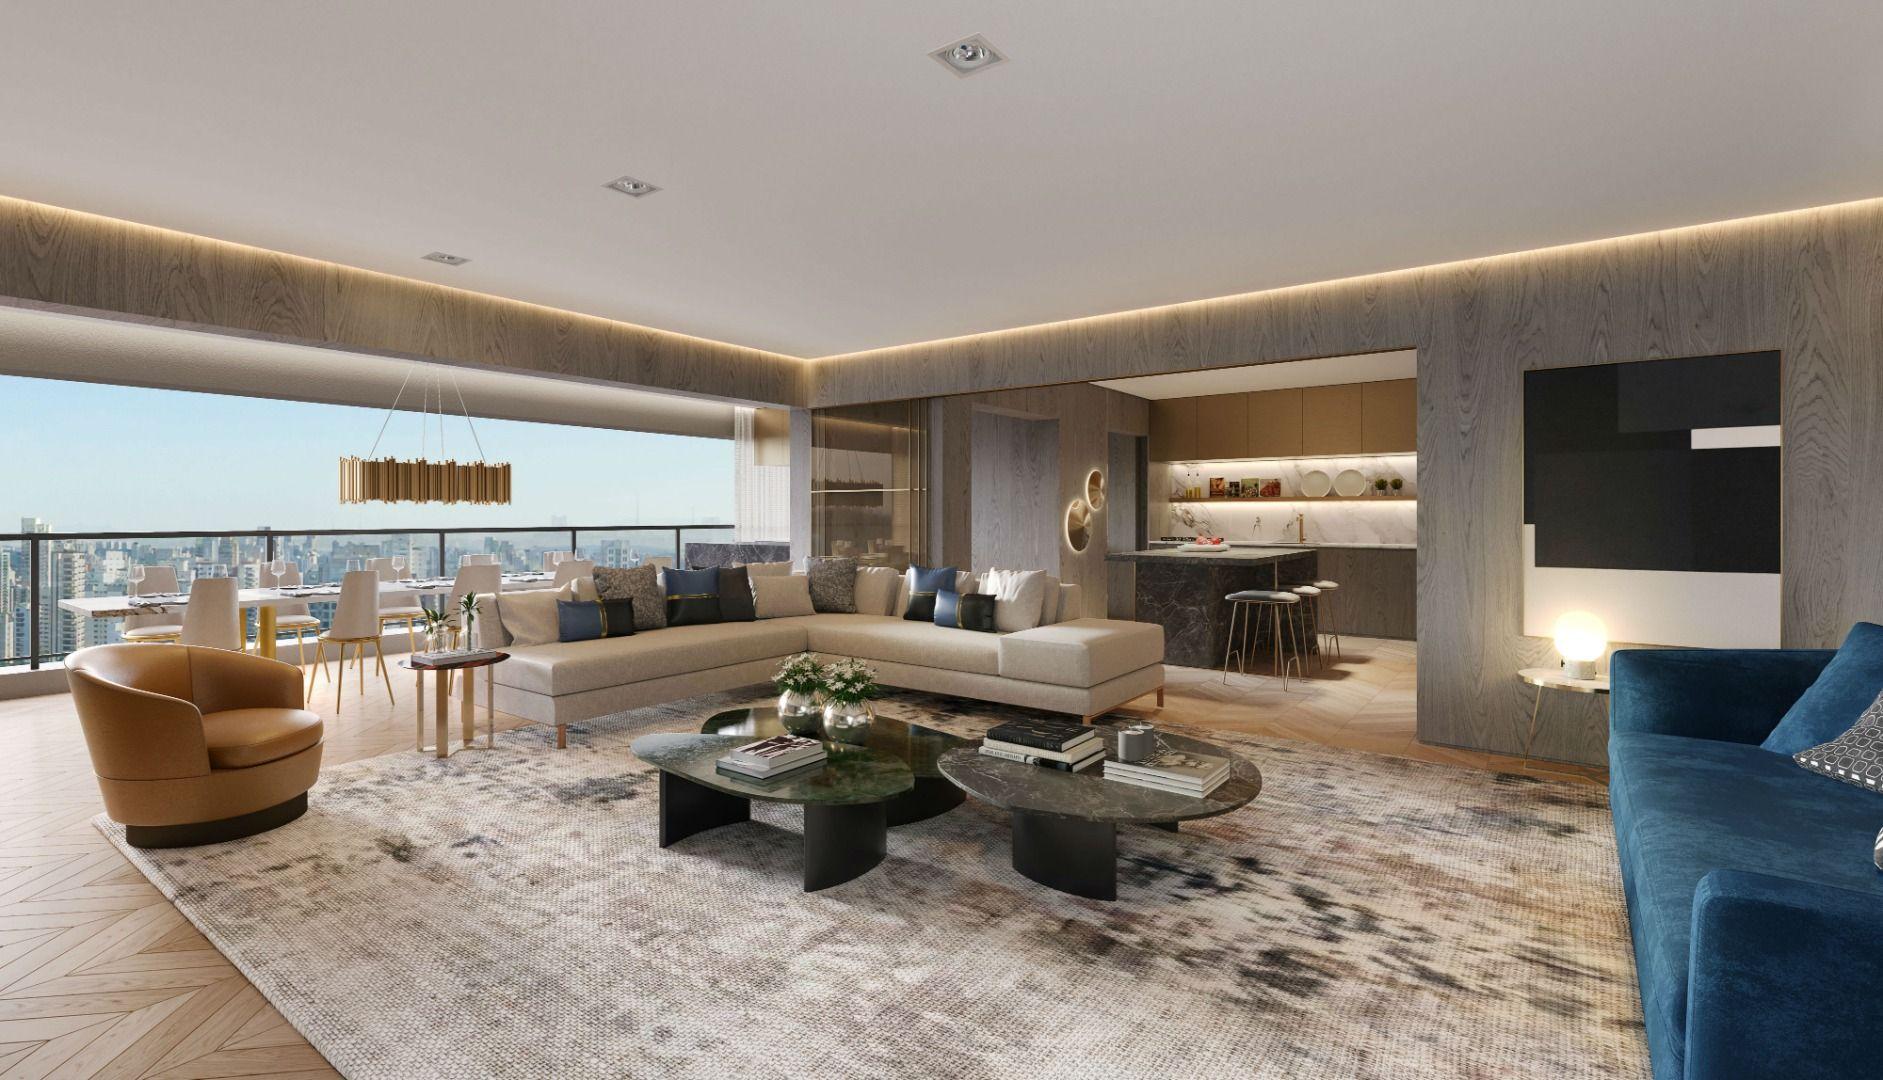 LIVING do apto de 158 m² com opção de sala ampliada, proporcionando maior área social. Total integração com o terraço gourmet, que possui mais de 8 m de frente.